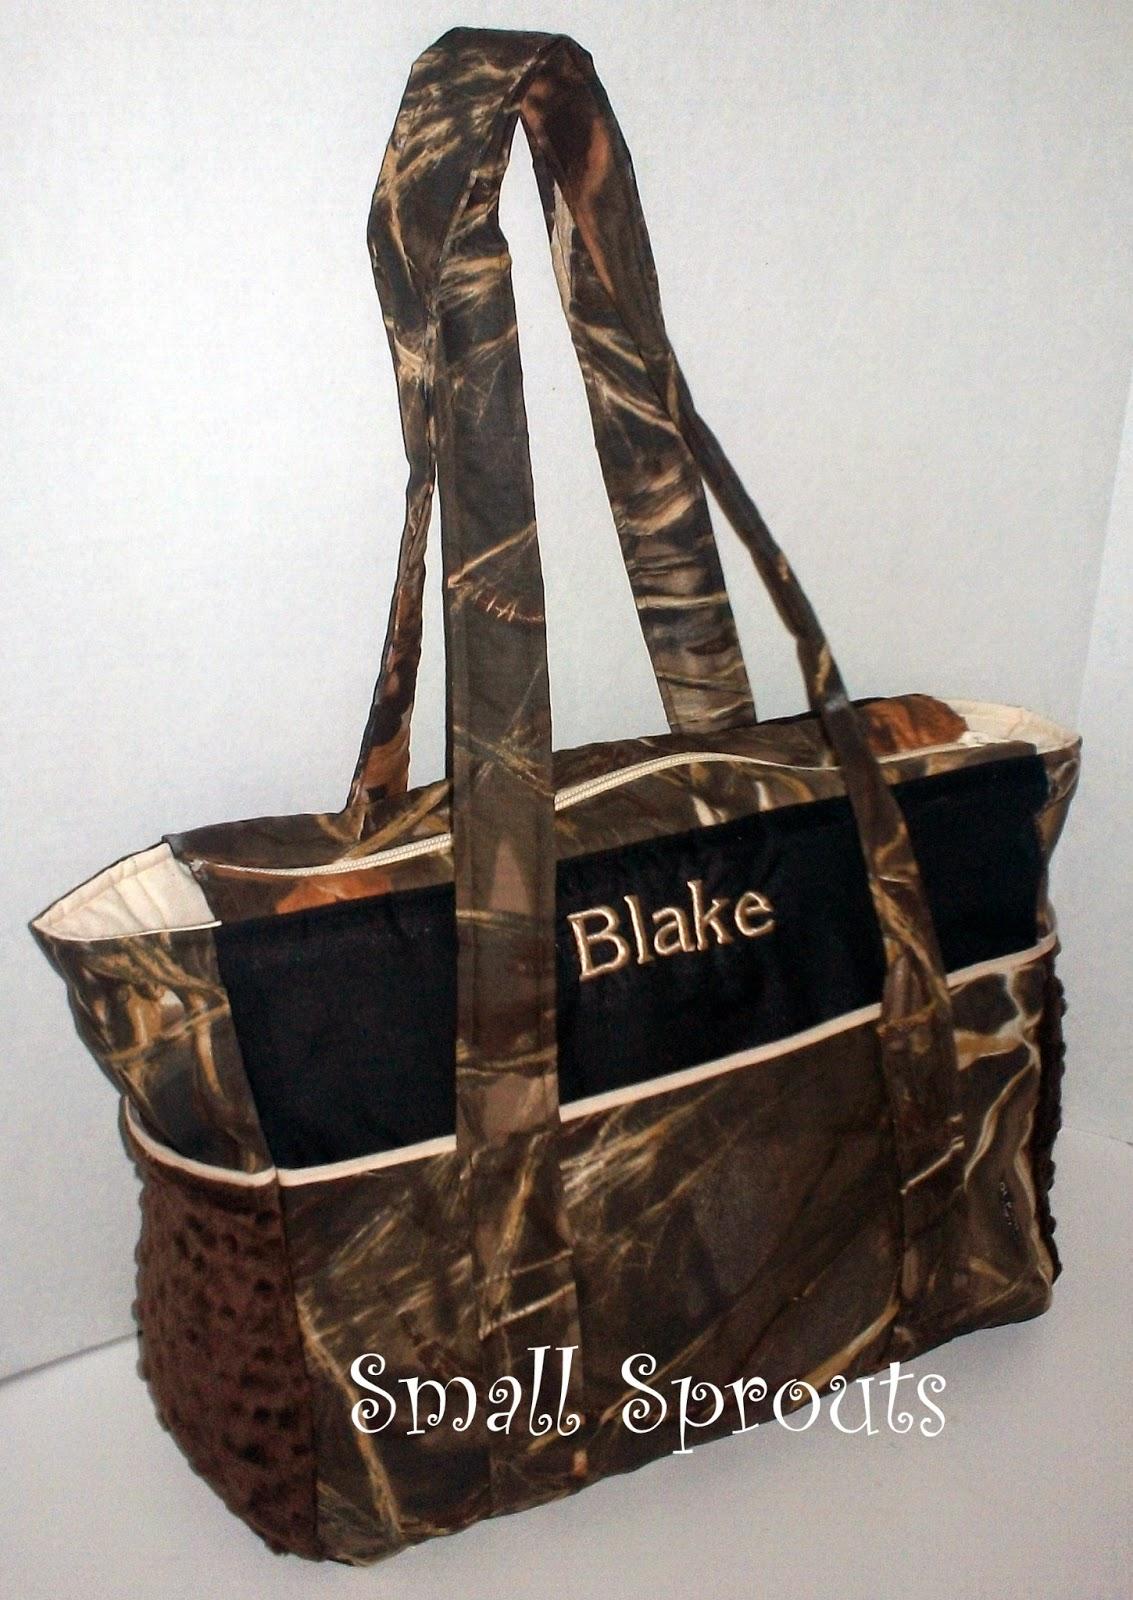 Small Sprouts: Blake Advantage Max 4HD Camo Fancy Diaper Bag